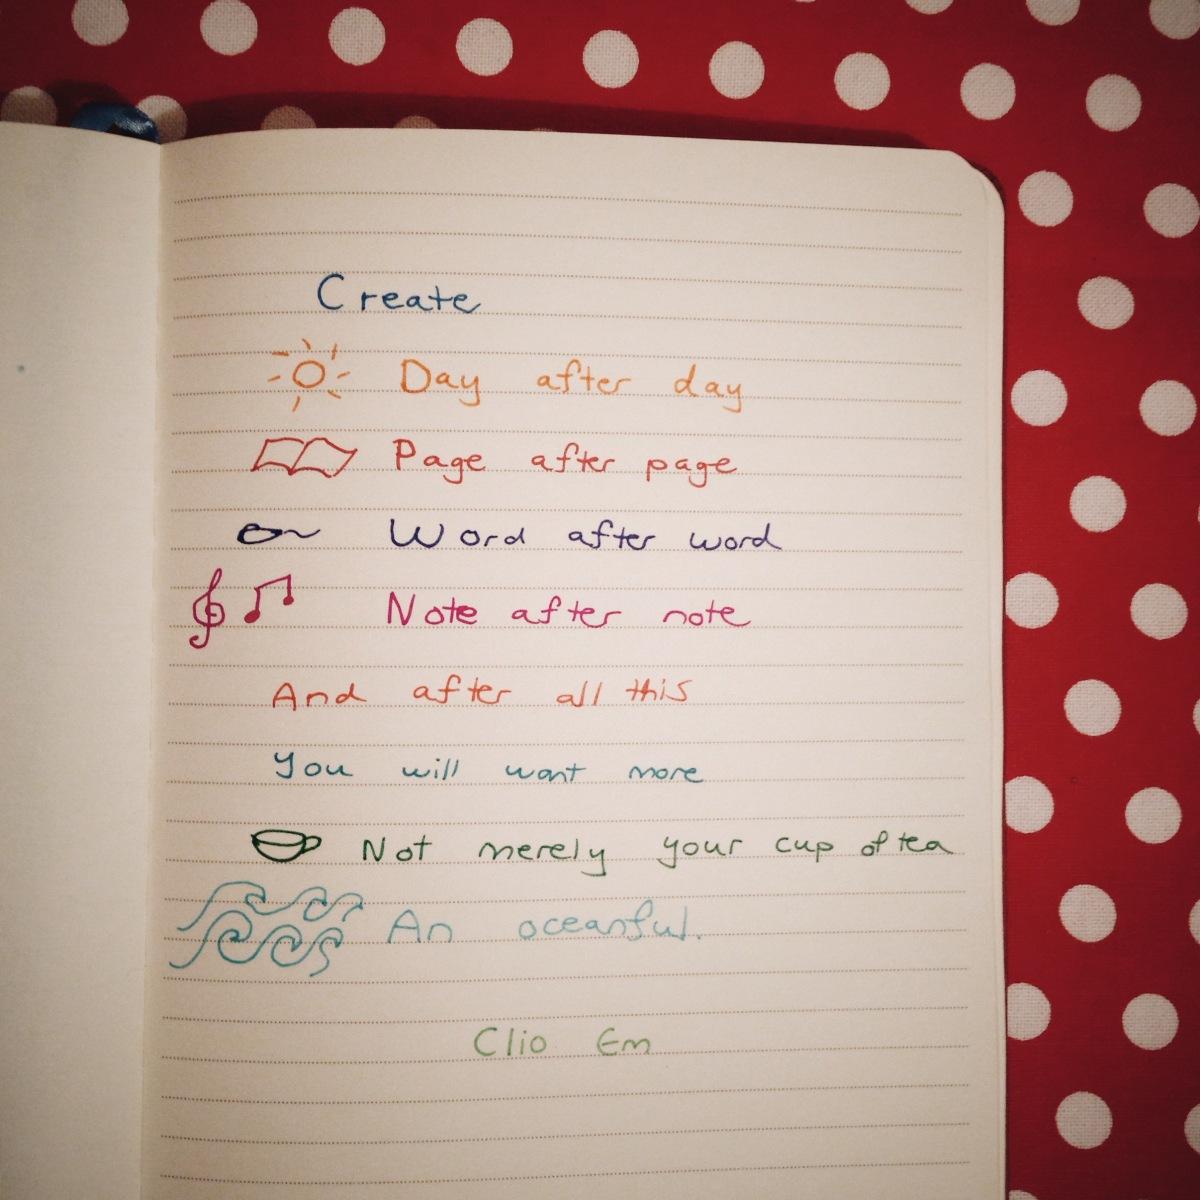 create   clio em